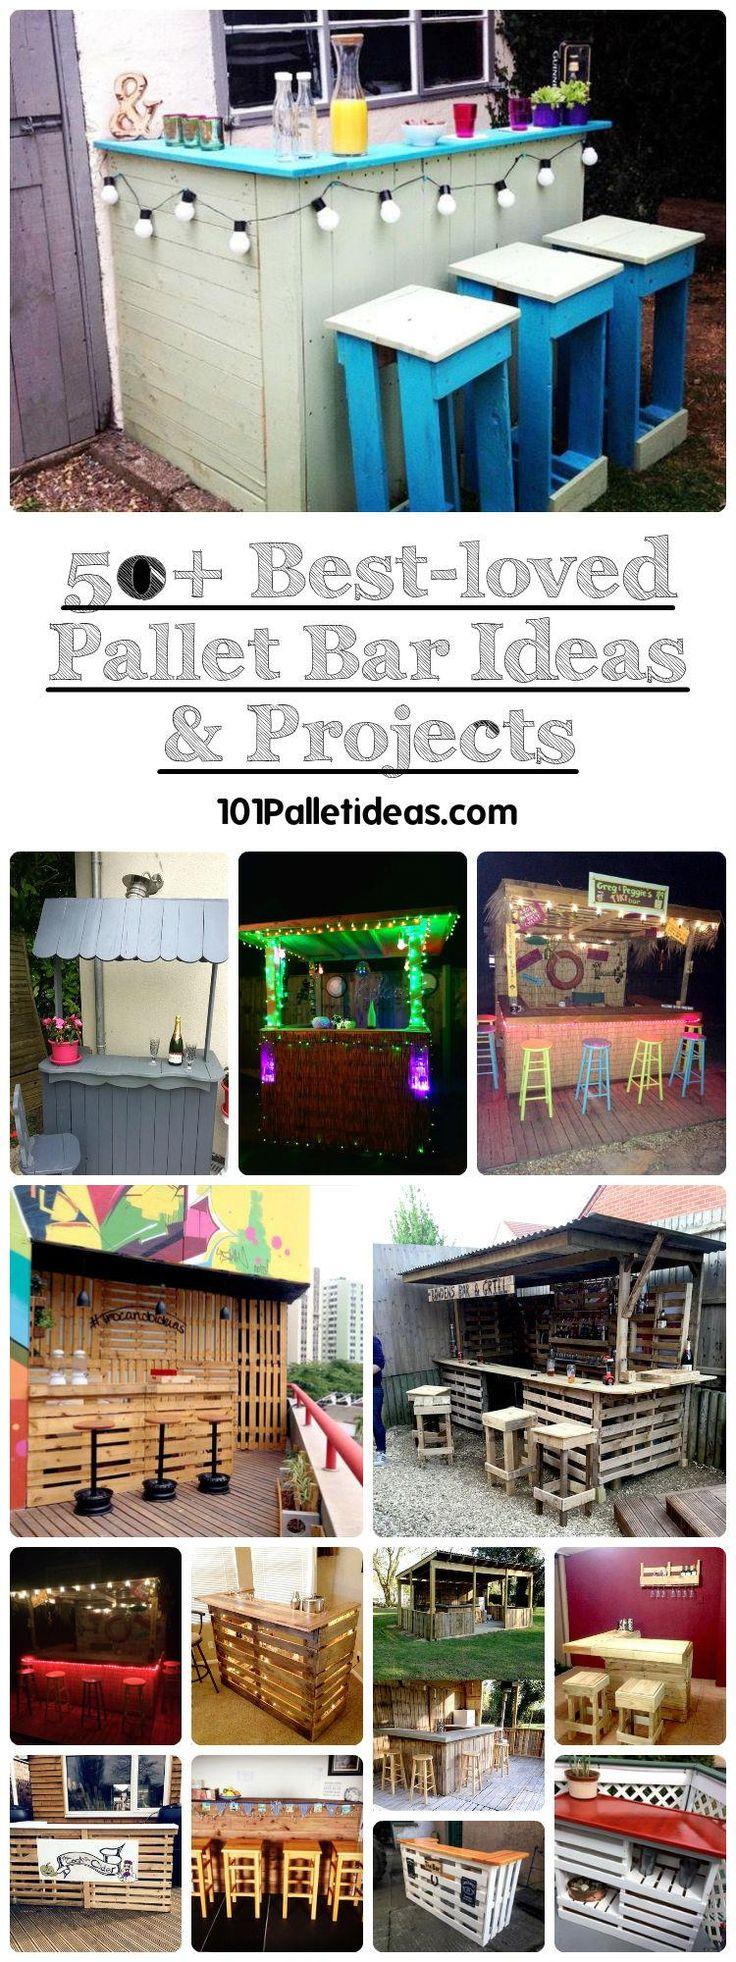 50-Best-loved-Pallet-Bar-Ideas-Projects.jpg 750×2,000 pixeles